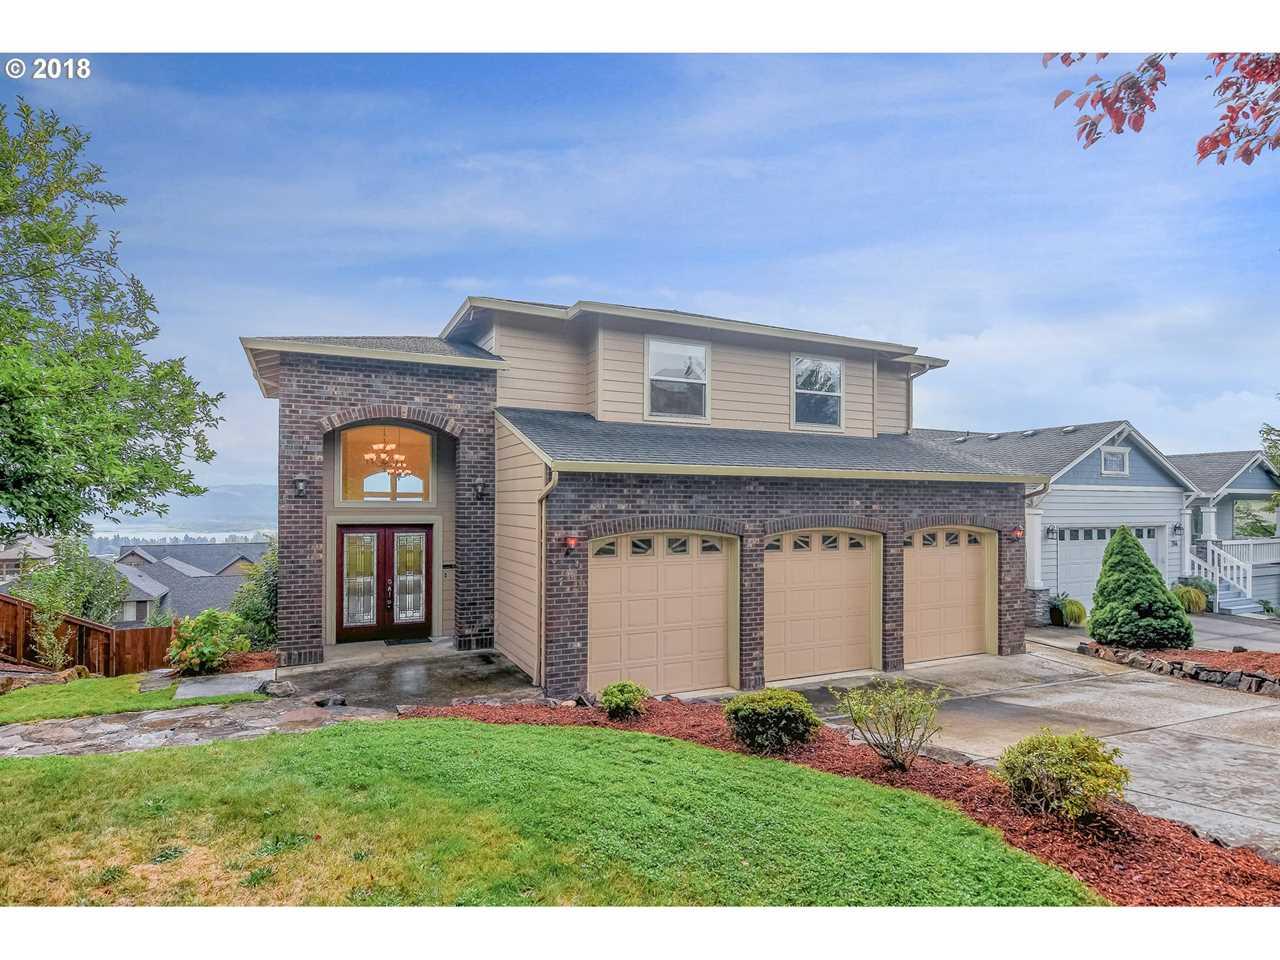 Washougal Wa Home For Sale 774 W Y St Washougal Wa Mls